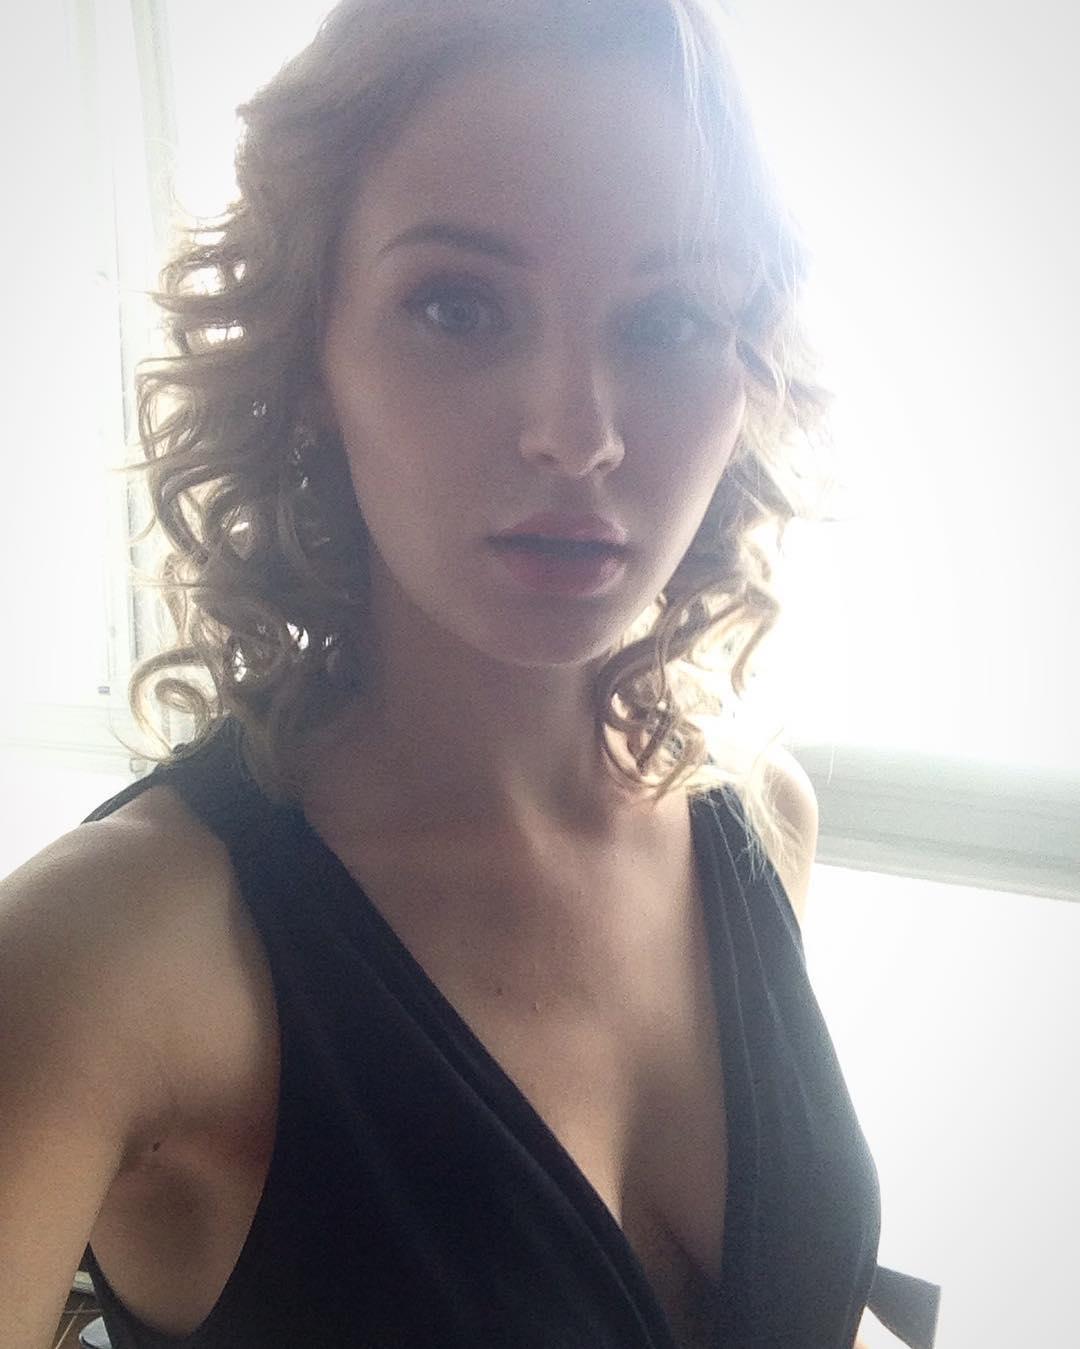 Софья Лебедева: #съемки